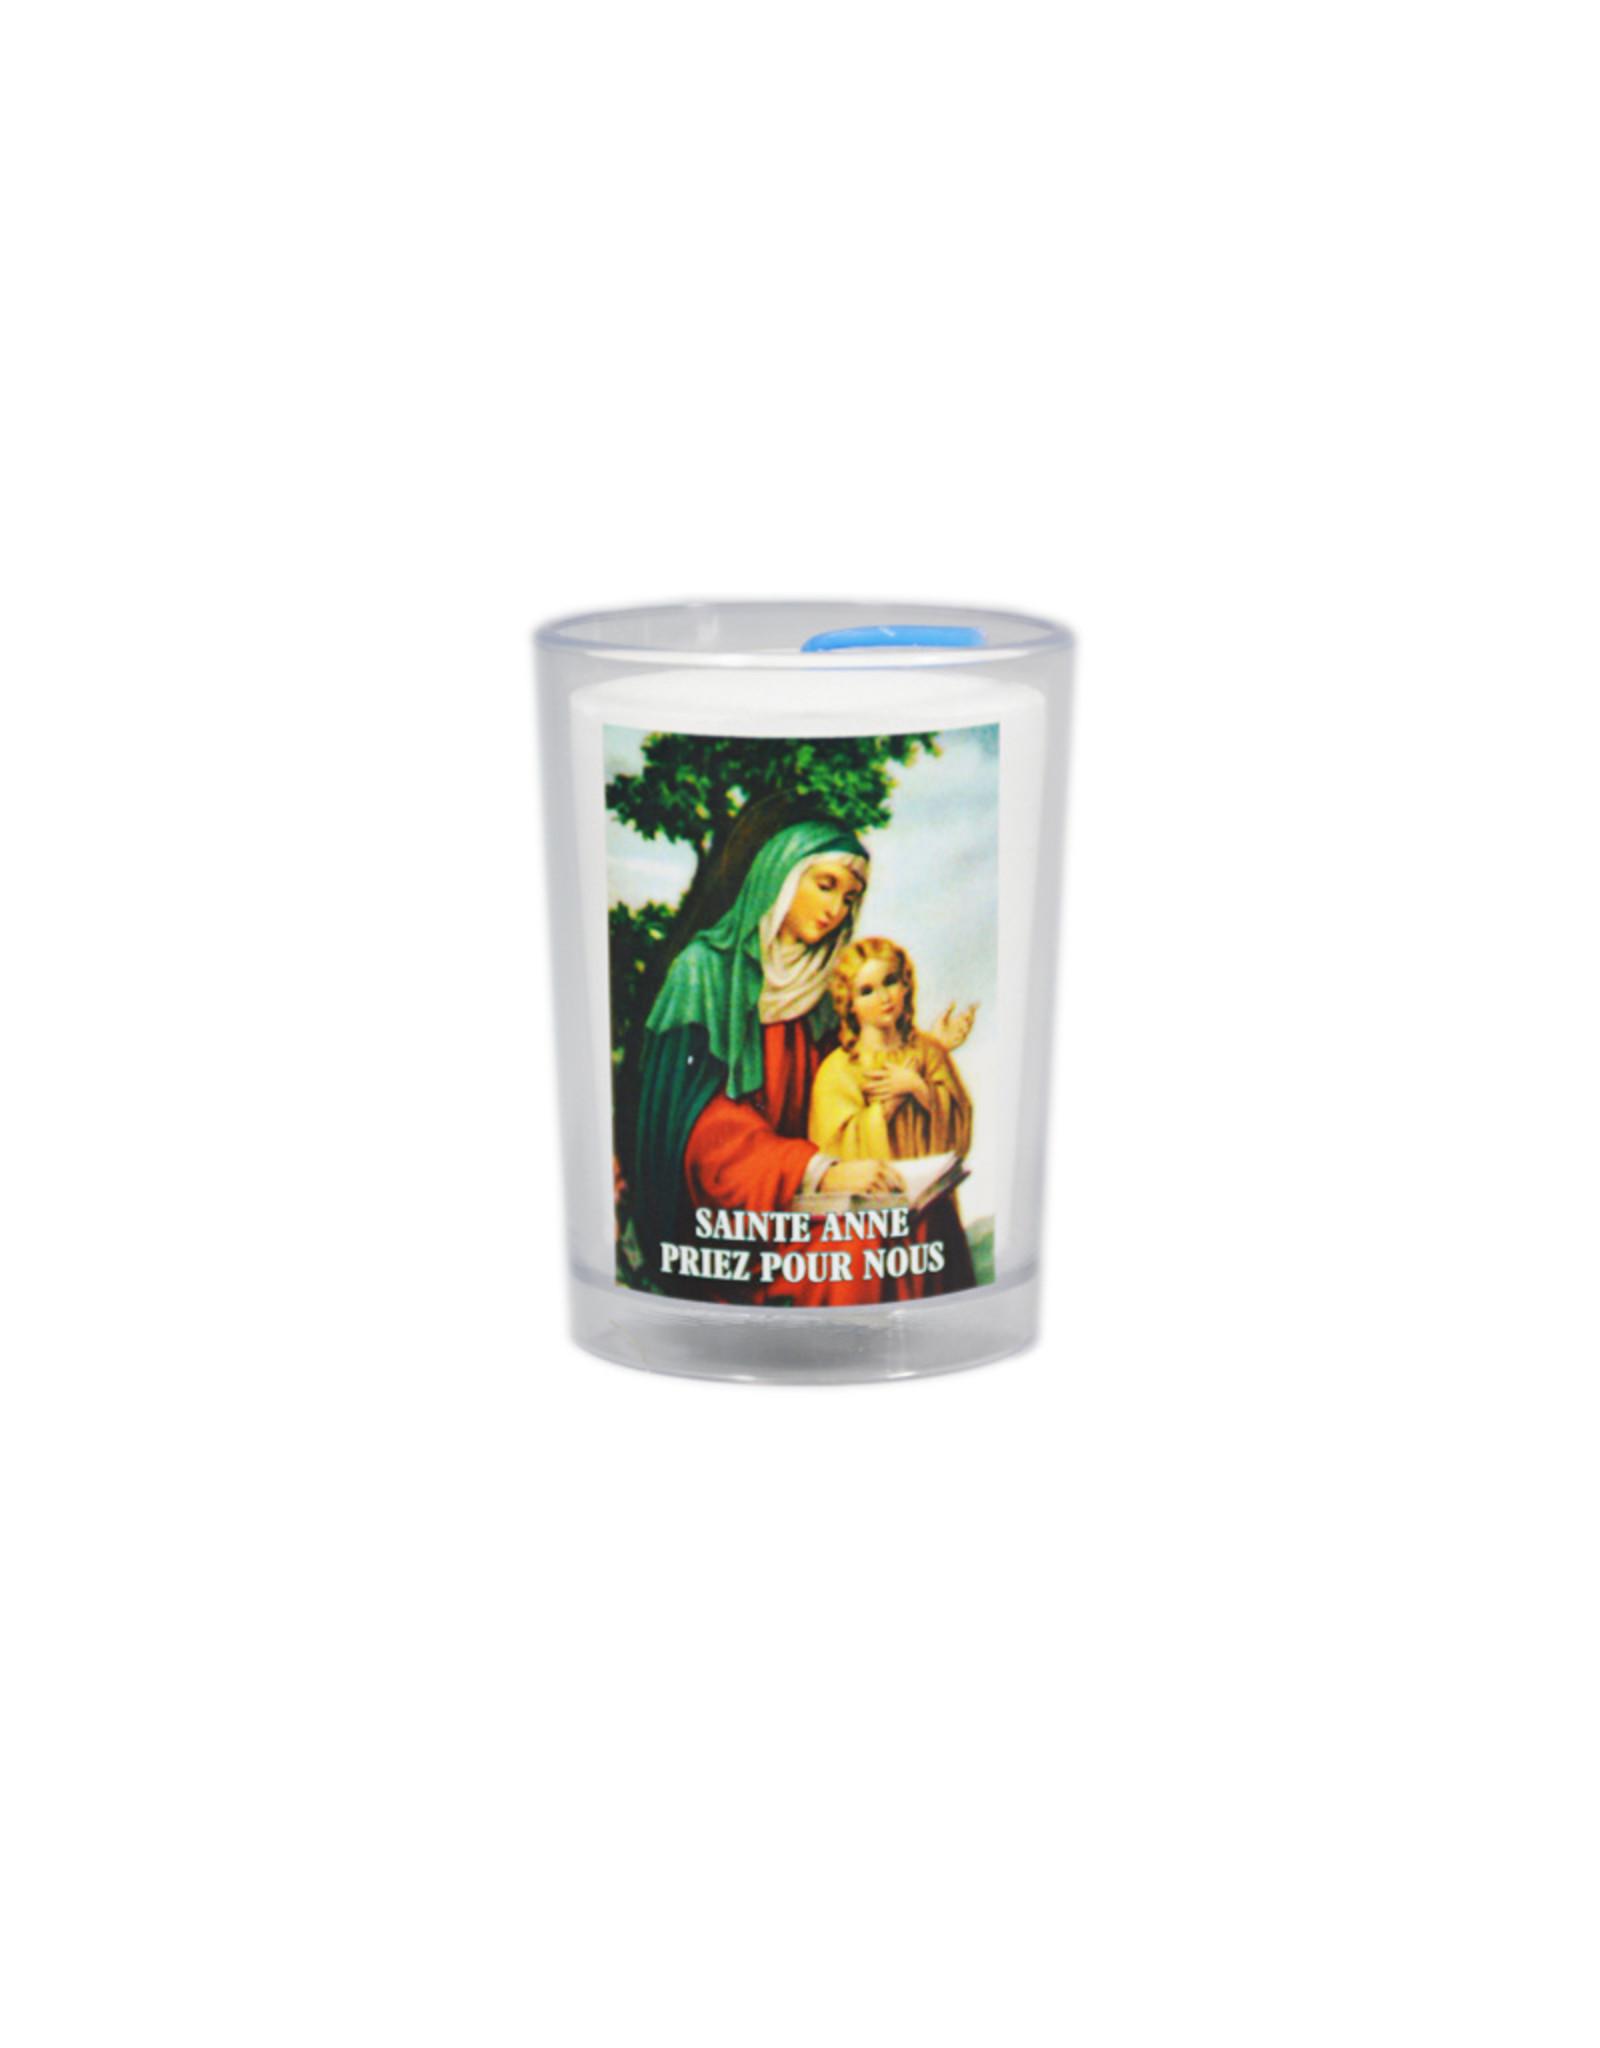 Chandelles Tradition / Tradition Candles Lampion de sainte Anne